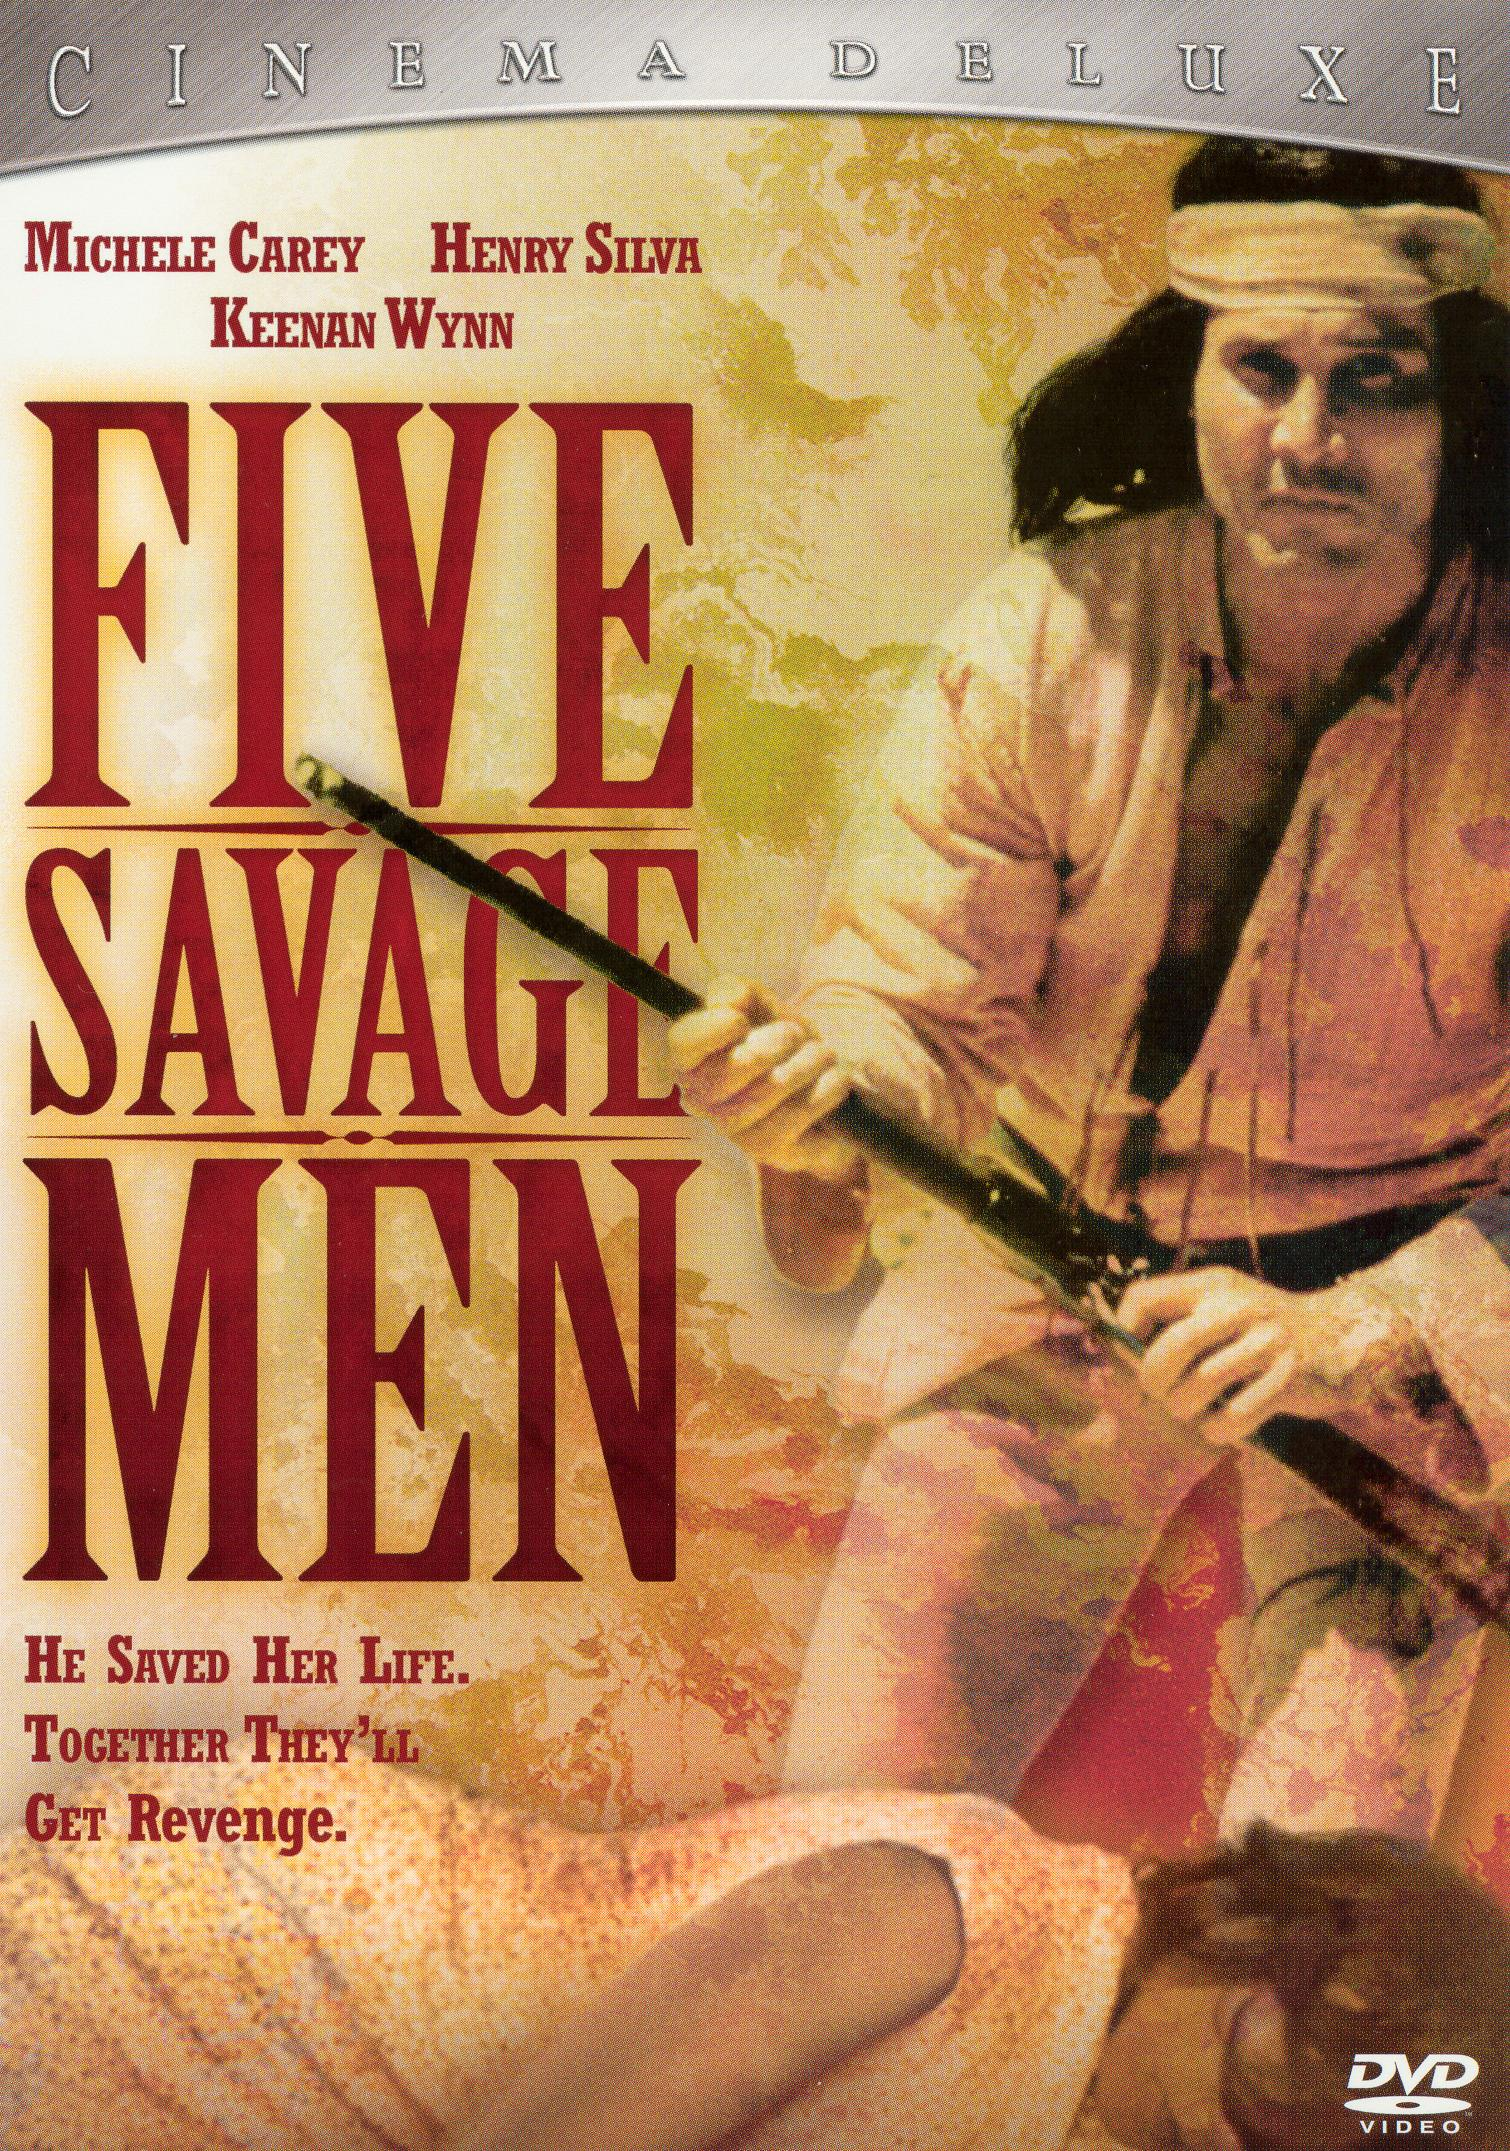 Five Savage Men